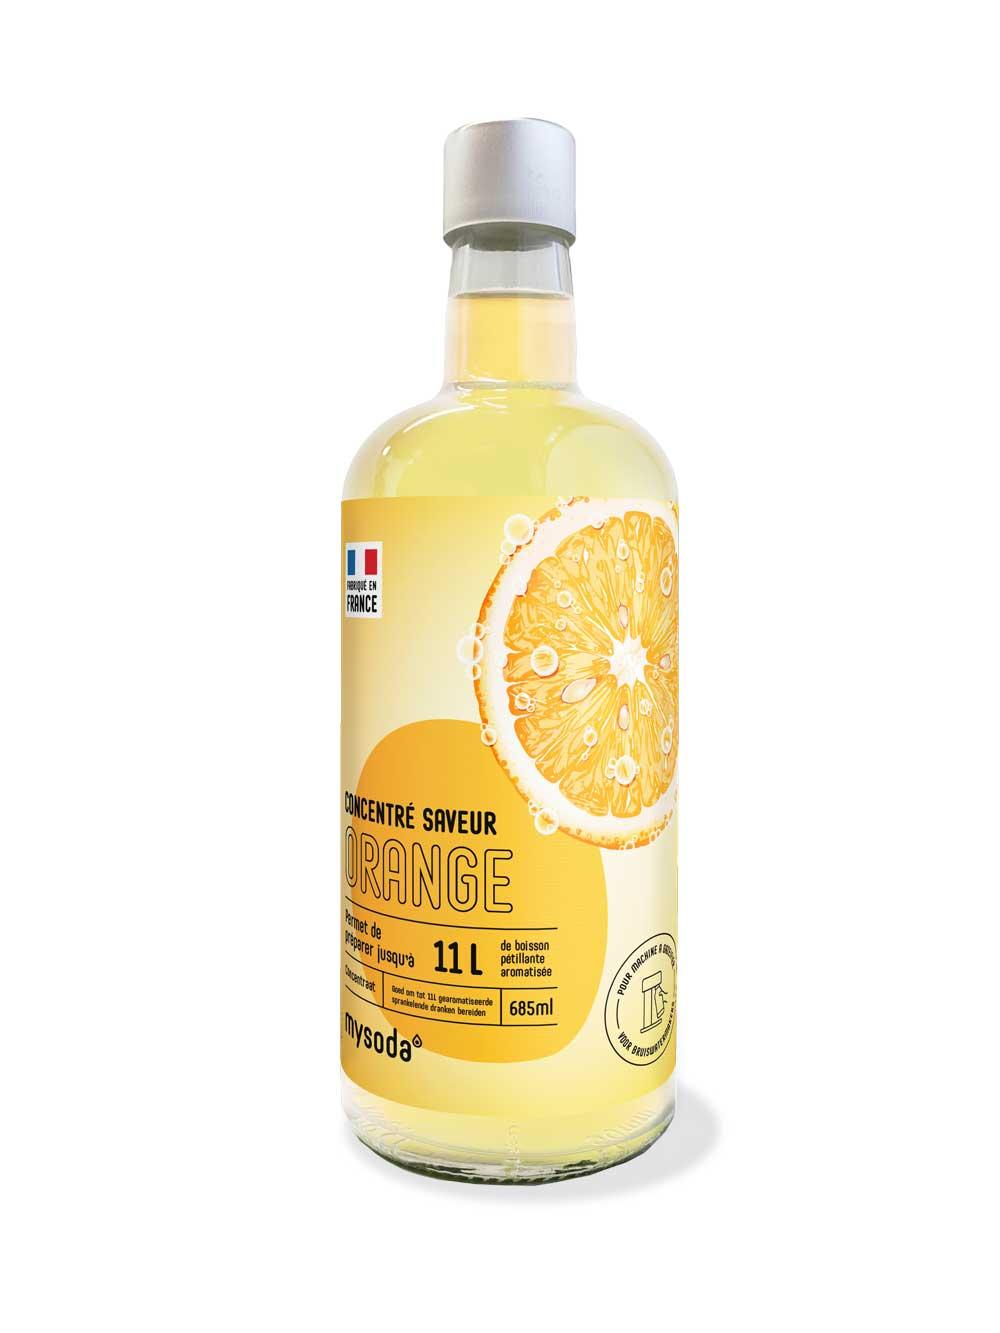 Mysoda Orange Smaak